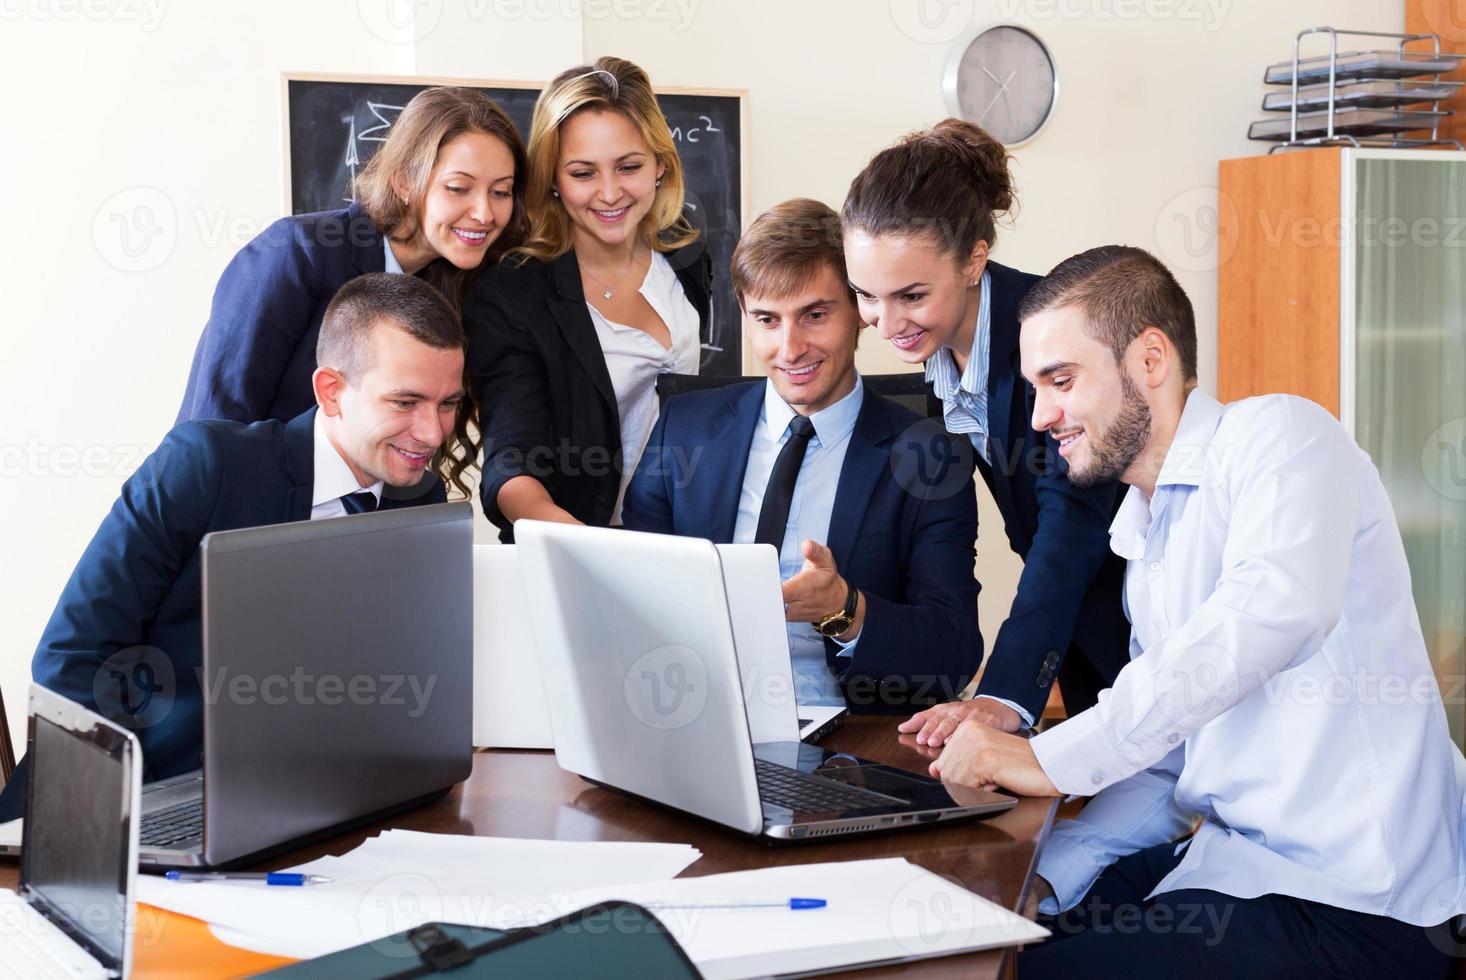 baas met ondergeschikte ambtenaren bespreken foto